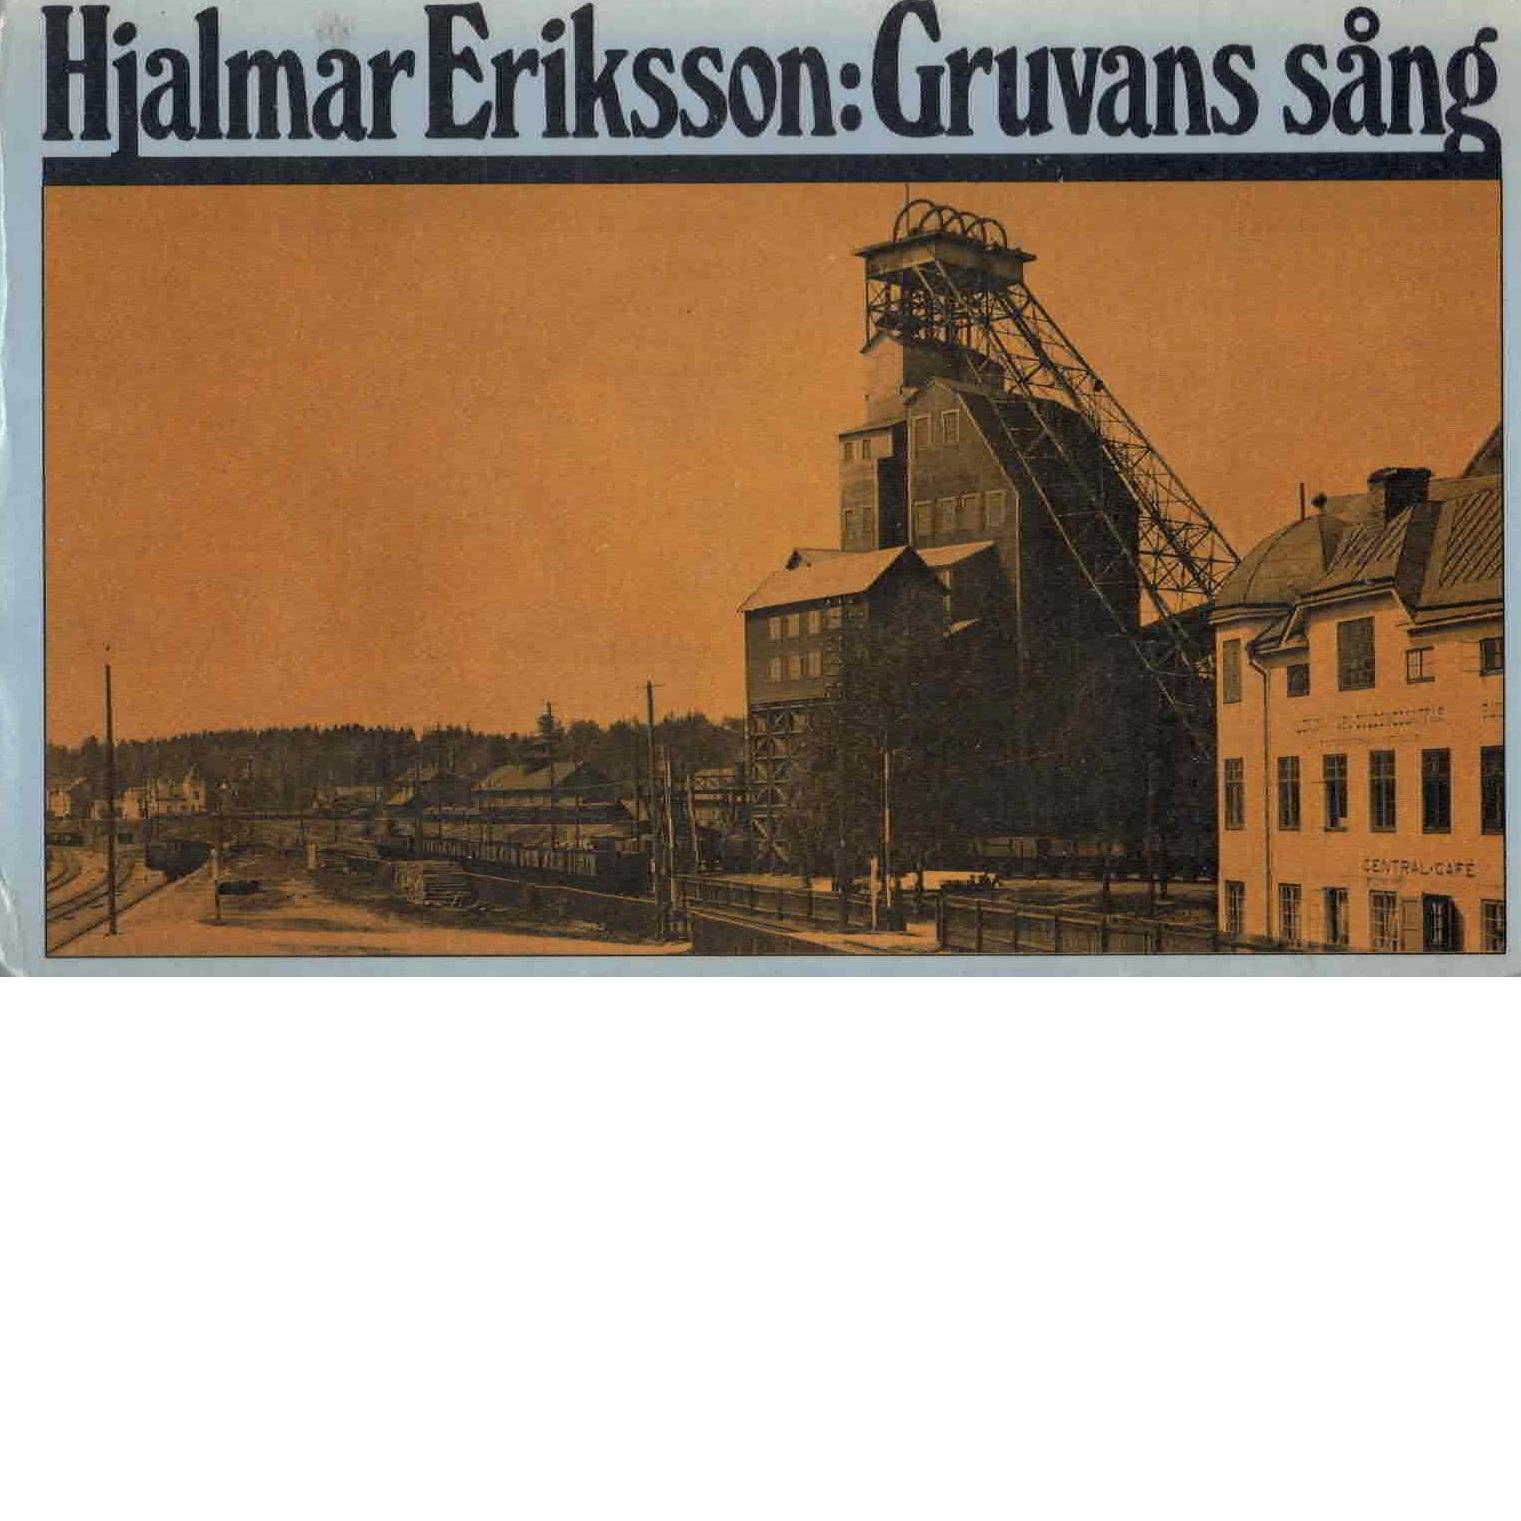 Gruvans sång - Eriksson, Hjalmar